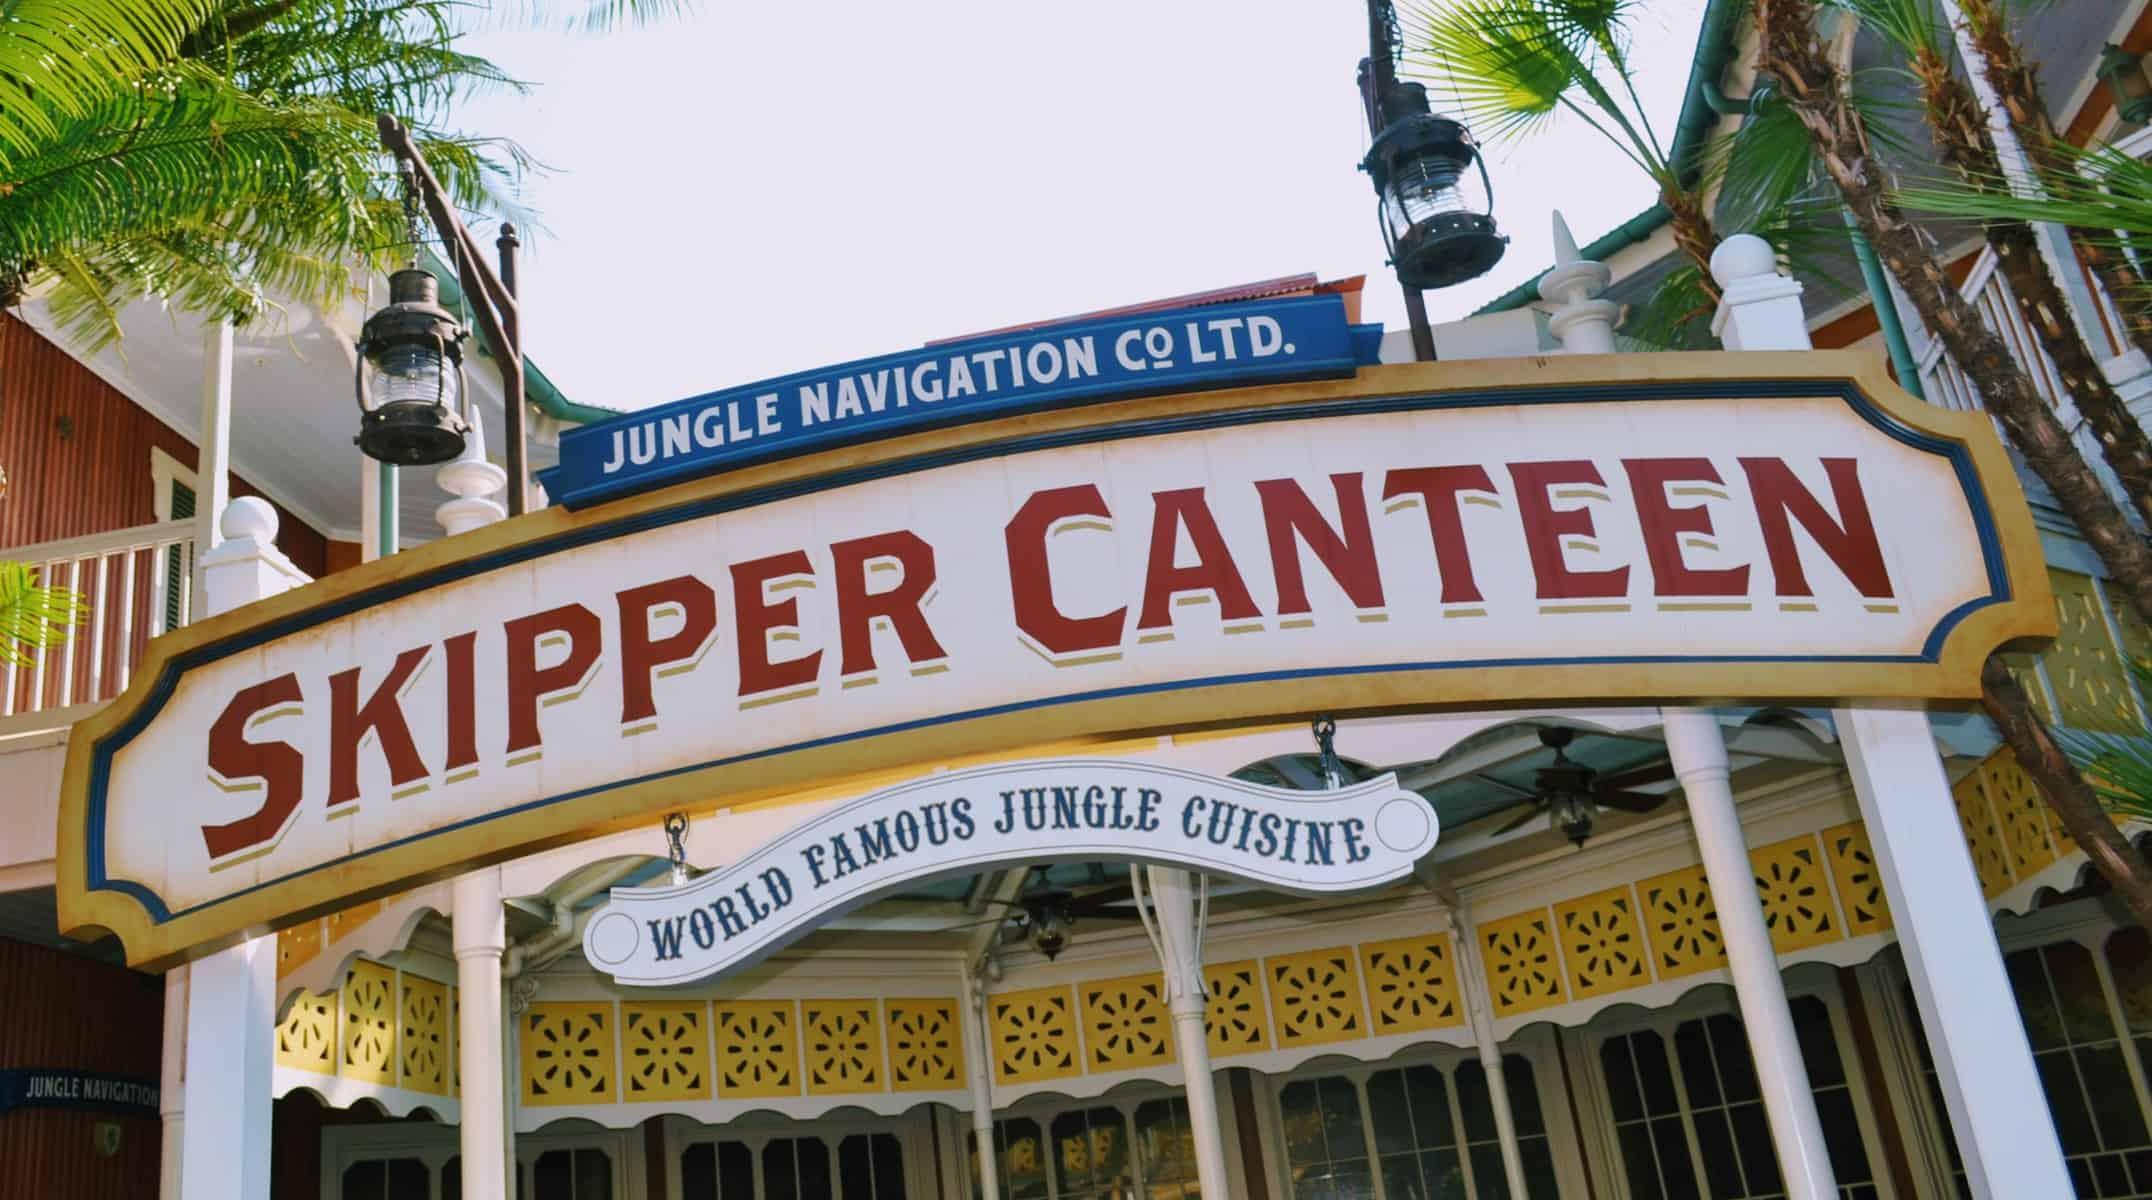 Skipper Canteen in Magic Kingdom